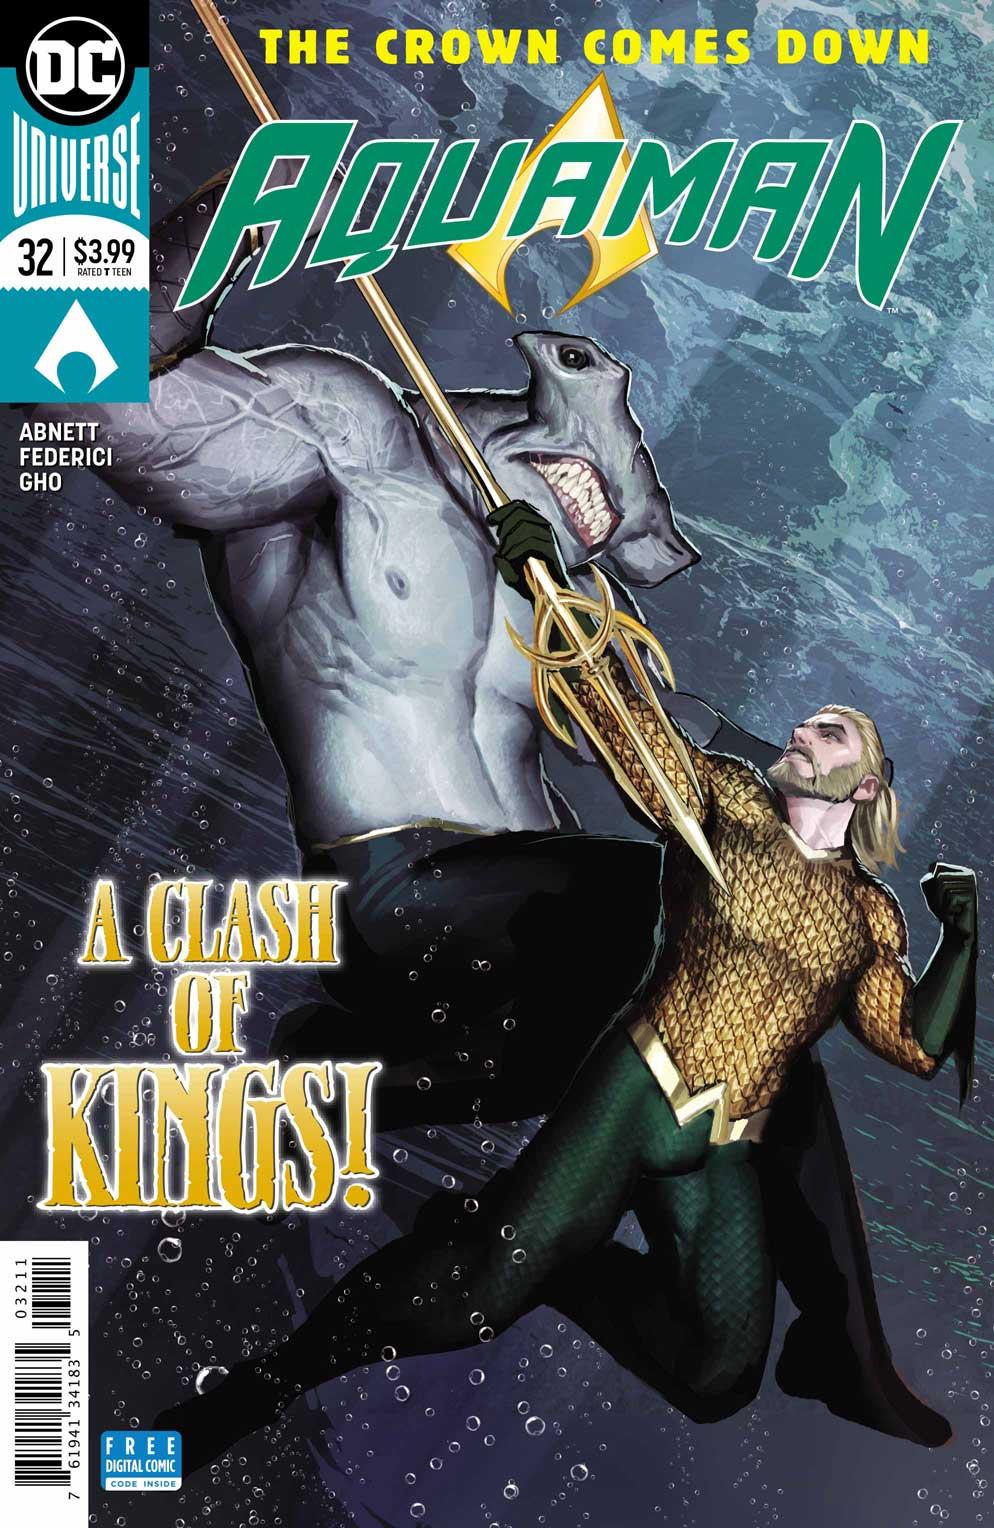 Aquaman 32 - DC Comics News